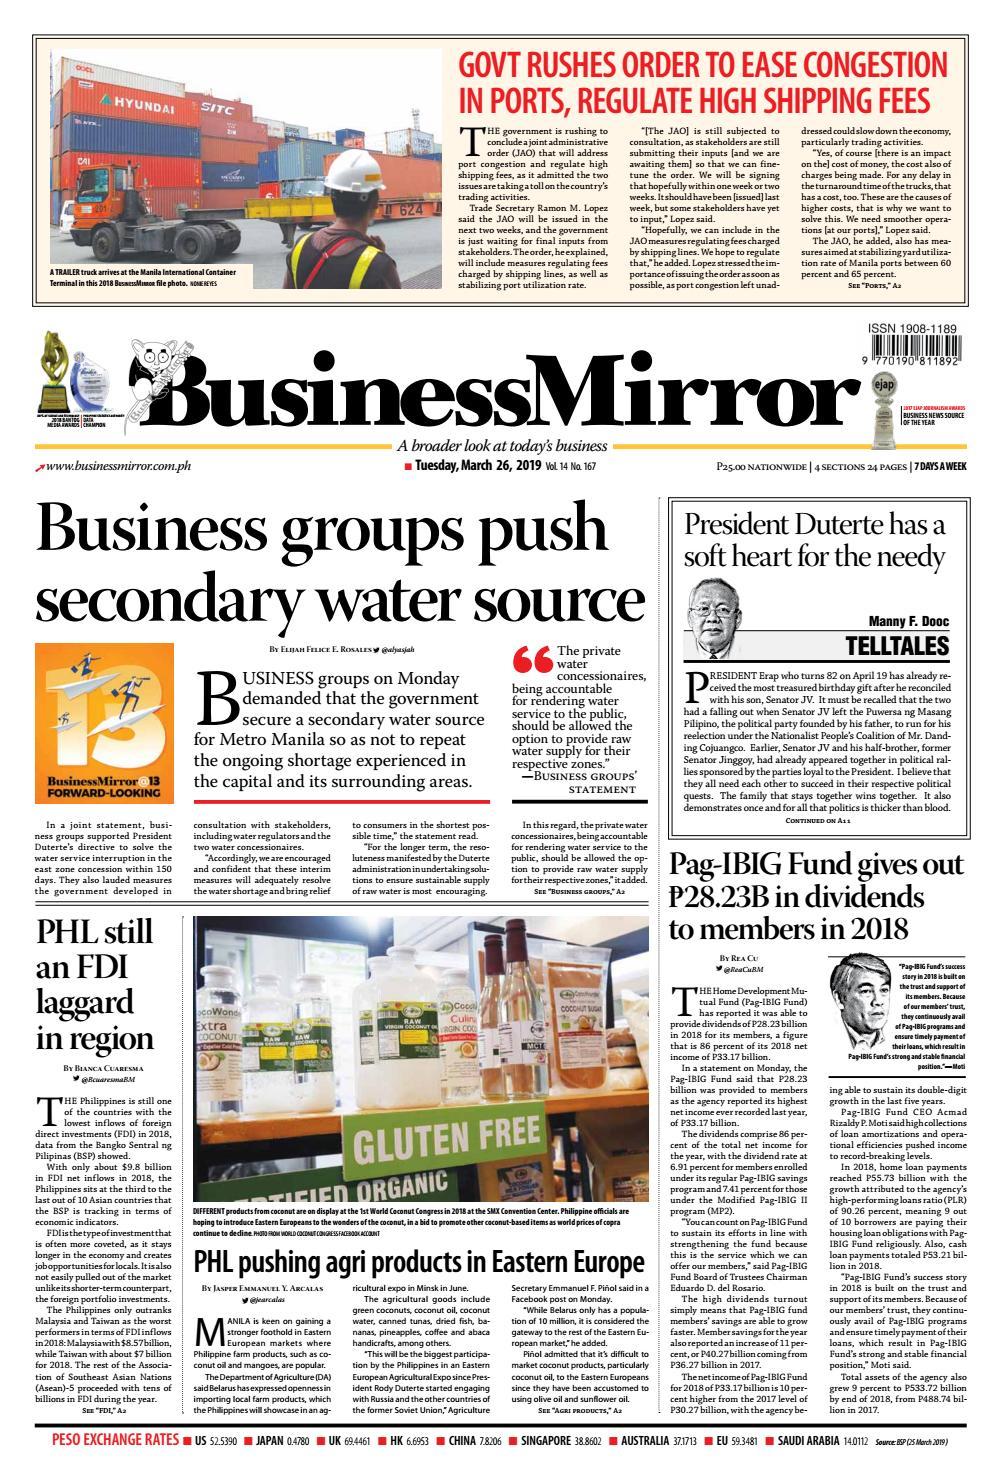 BusinessMirror March 26, 2019 by BusinessMirror - issuu